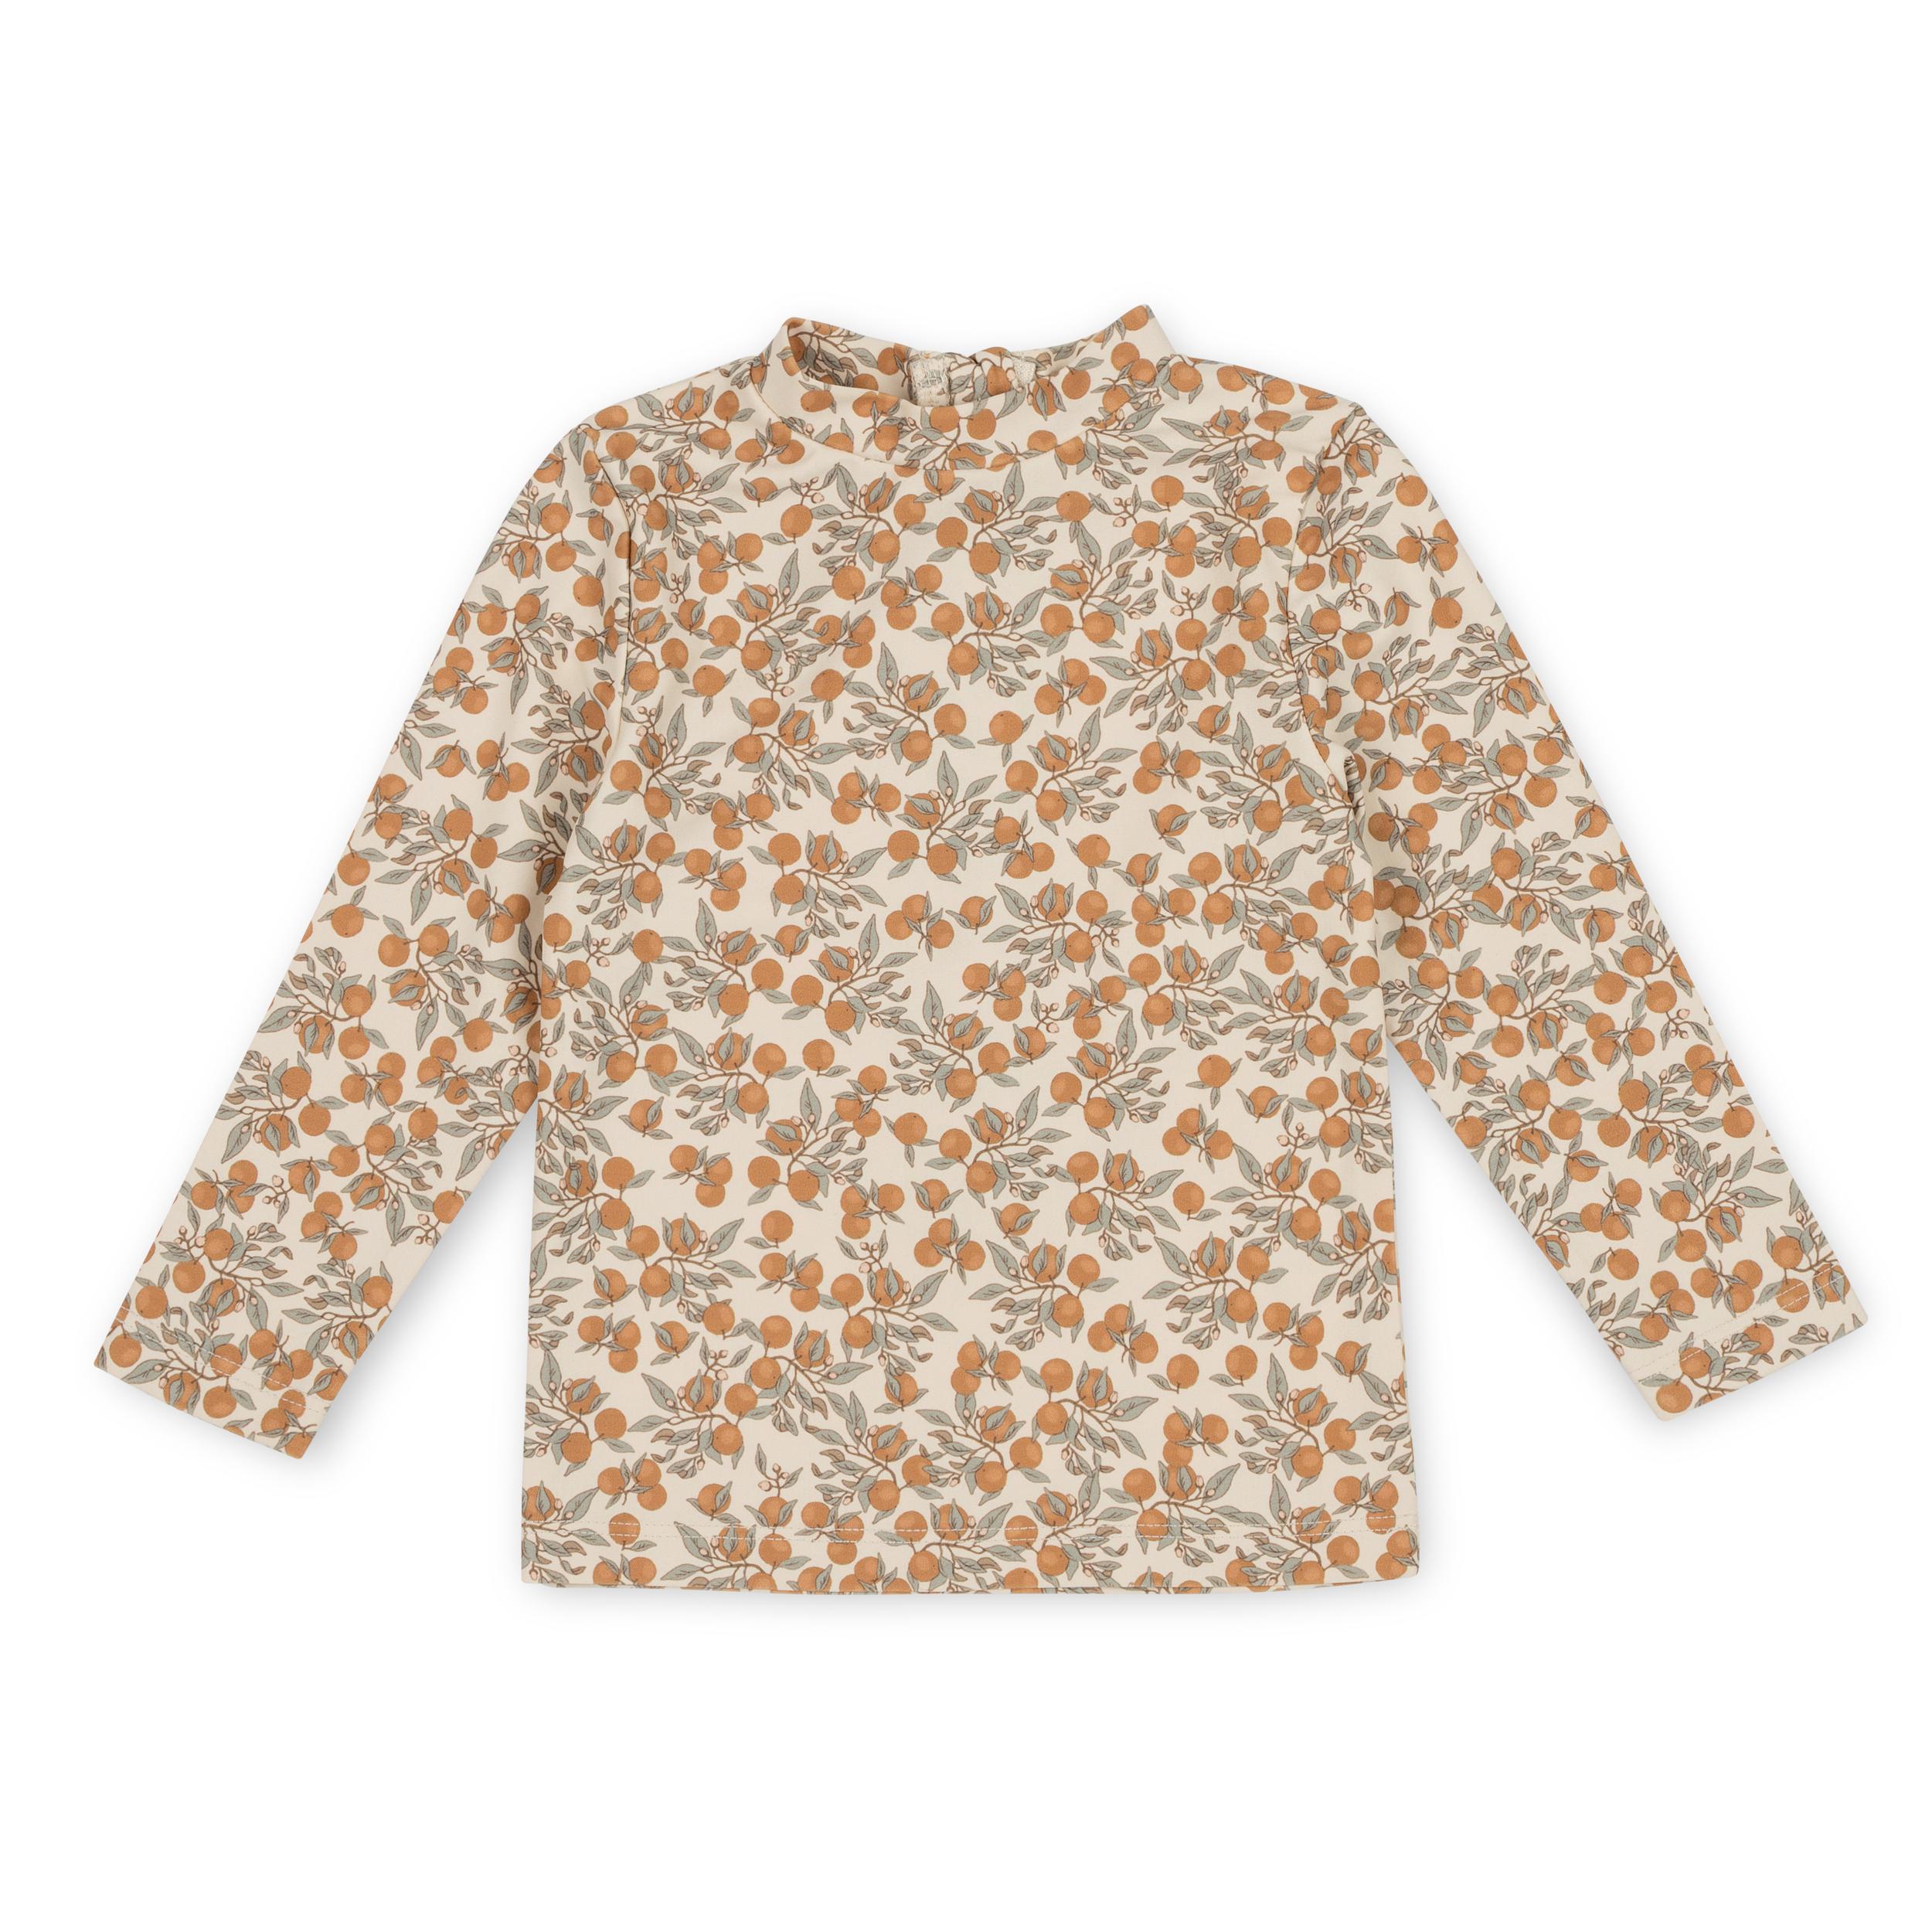 Tee-shirt anti-UV Orangery beige